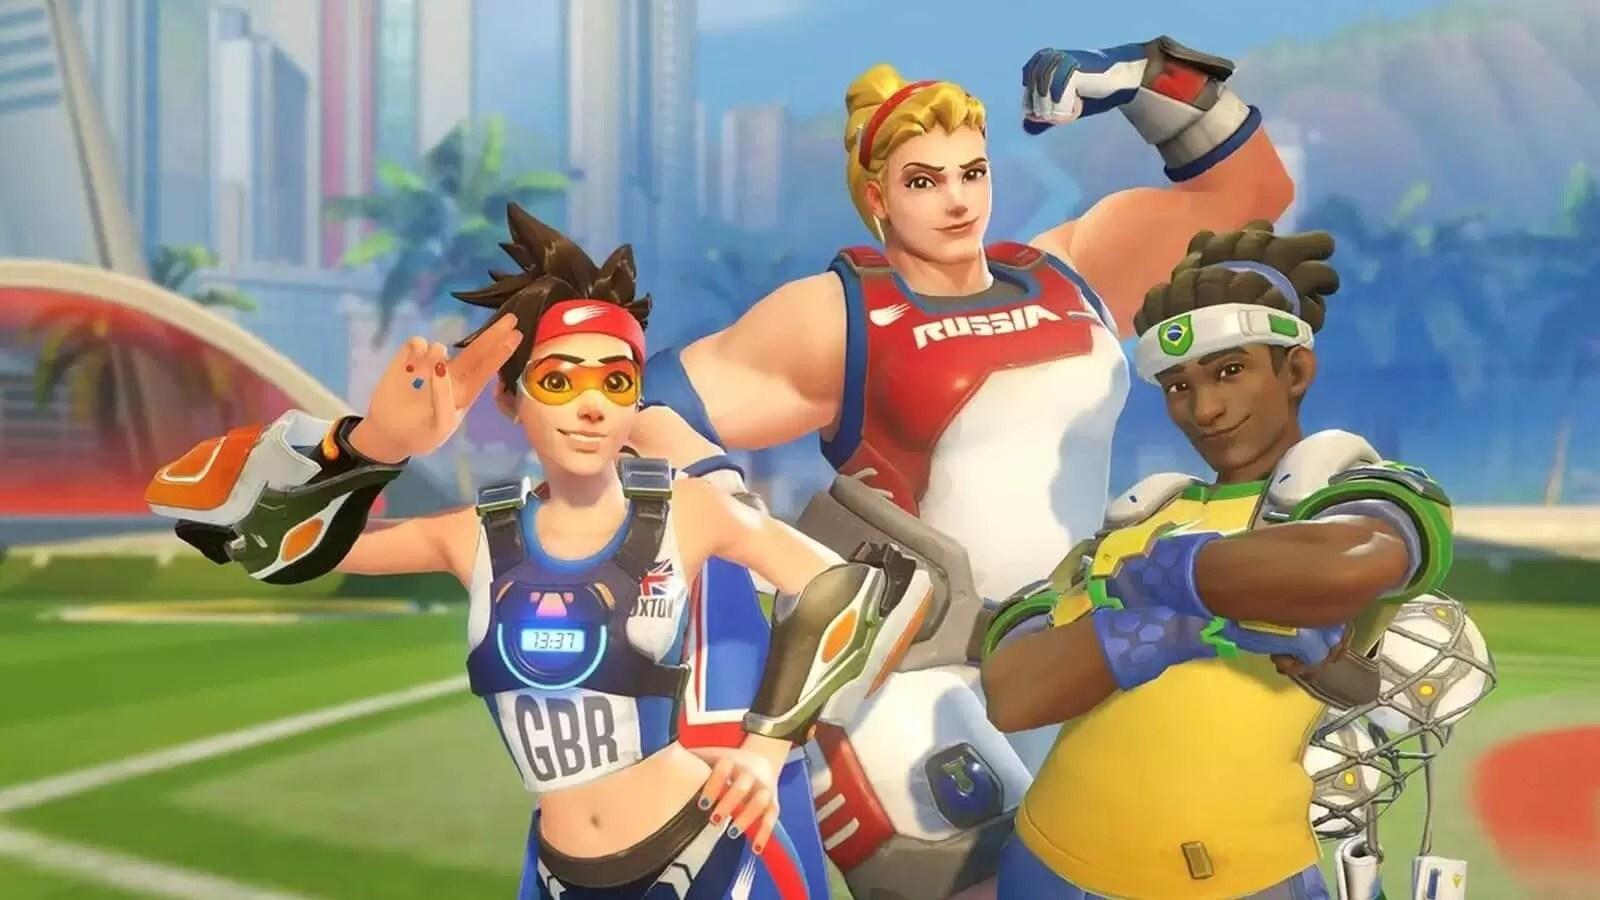 """Letnji """"sportski"""" Overwatch skinovi izgledaju sjajno!"""